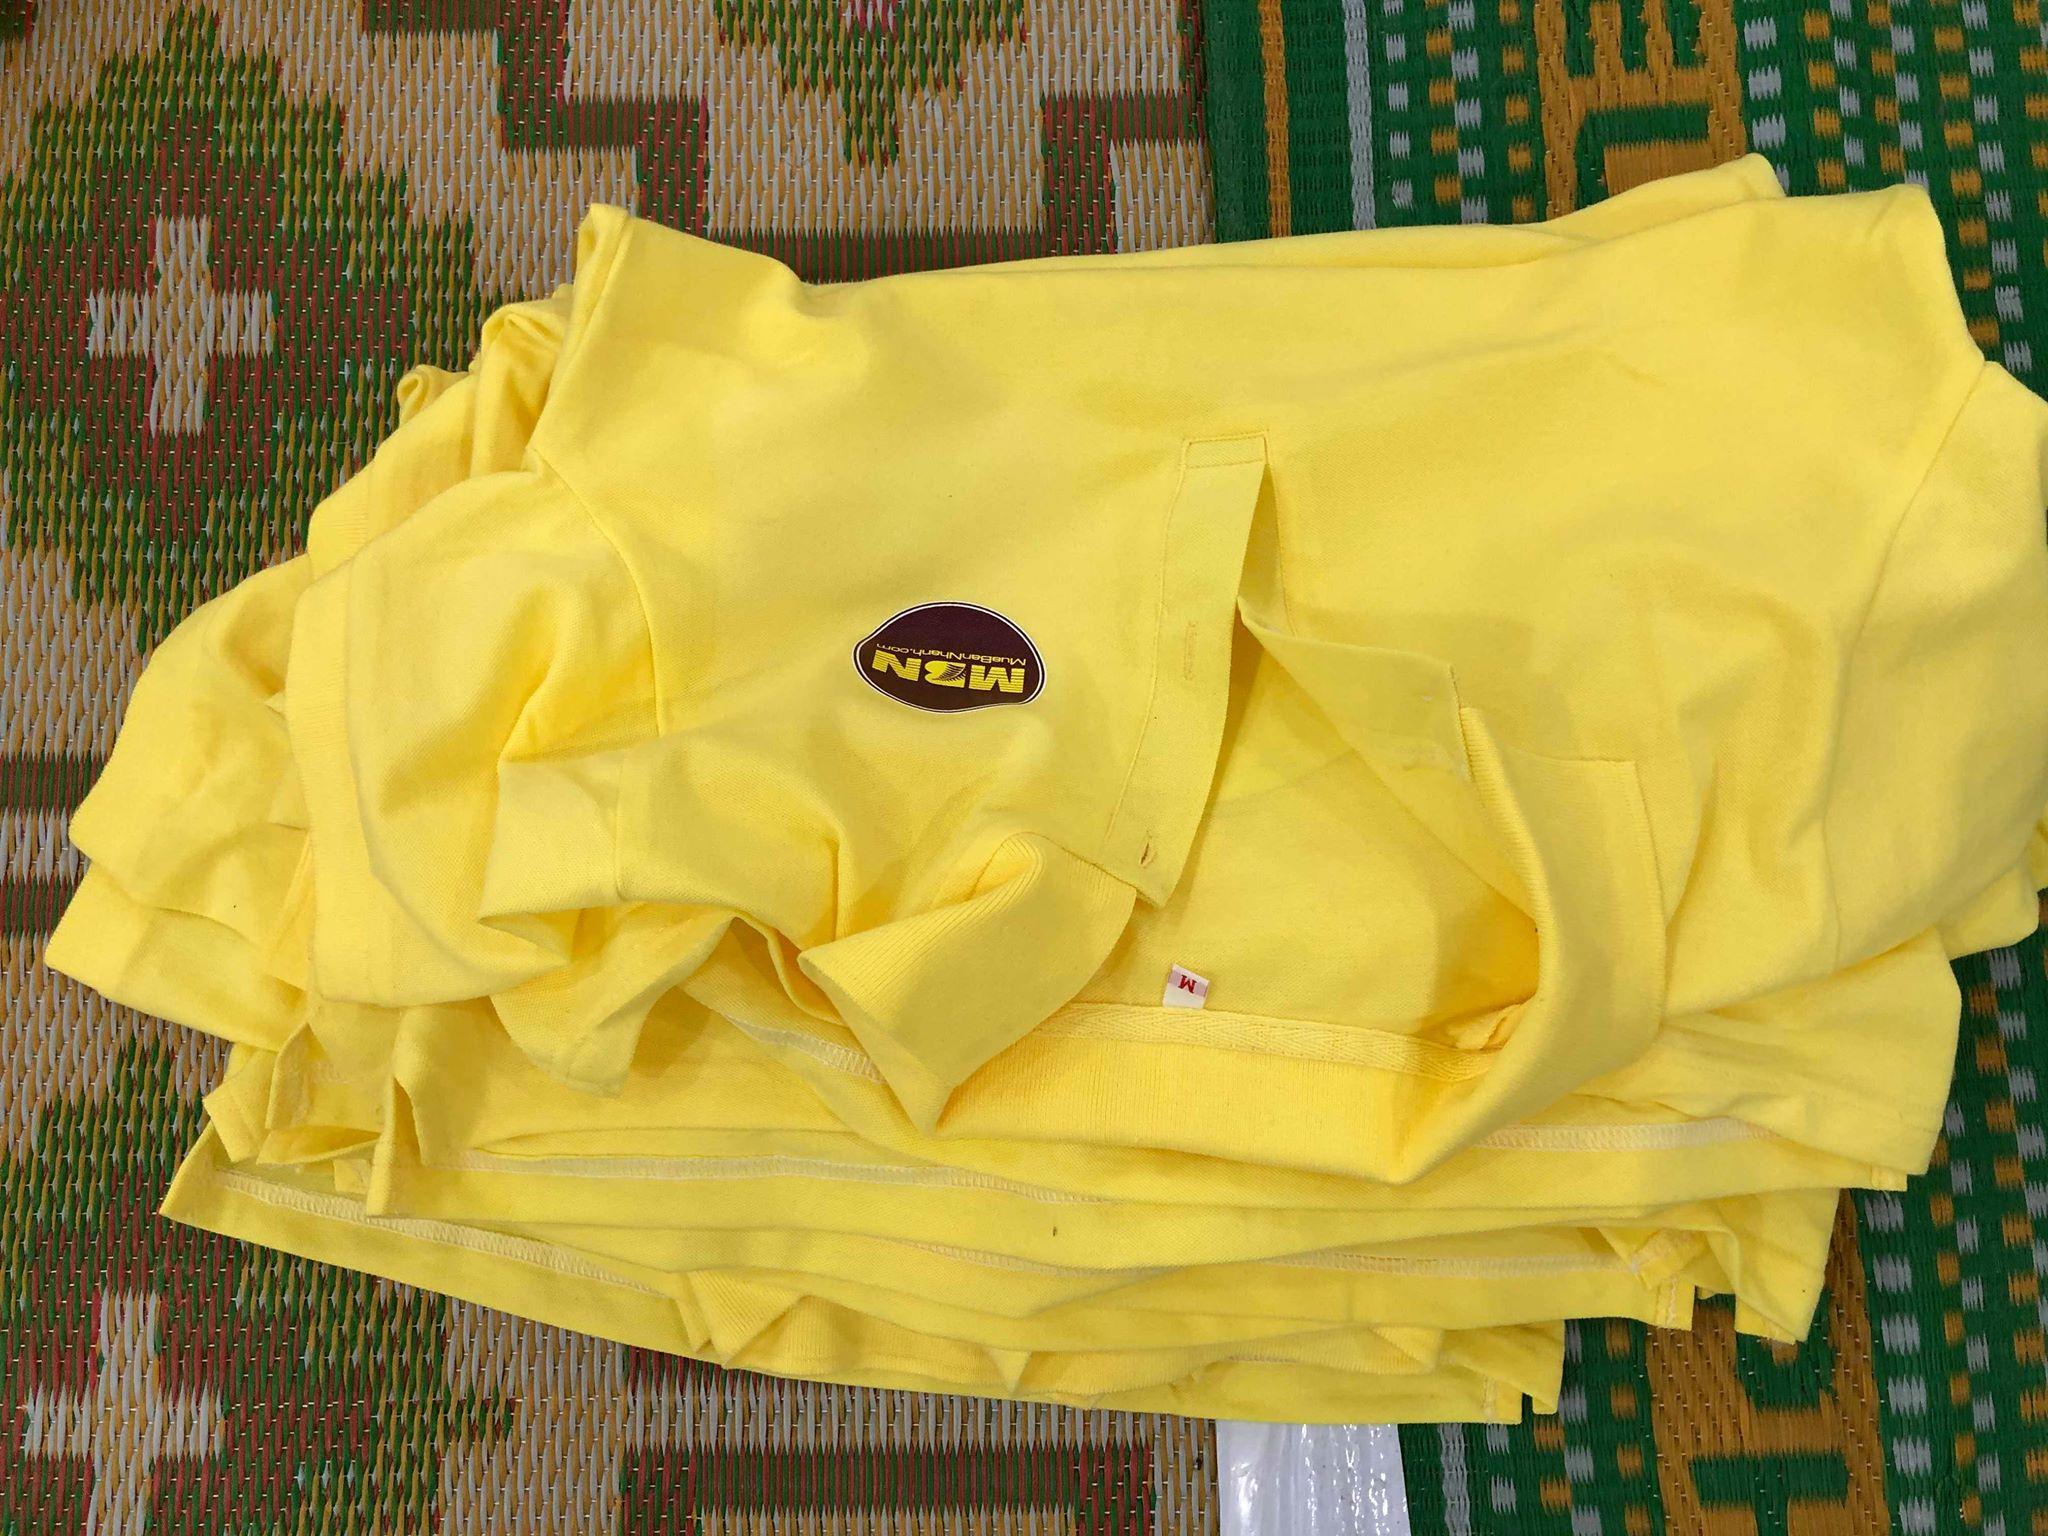 vải kate được ứng dụng làm đồng phục giá rẻ